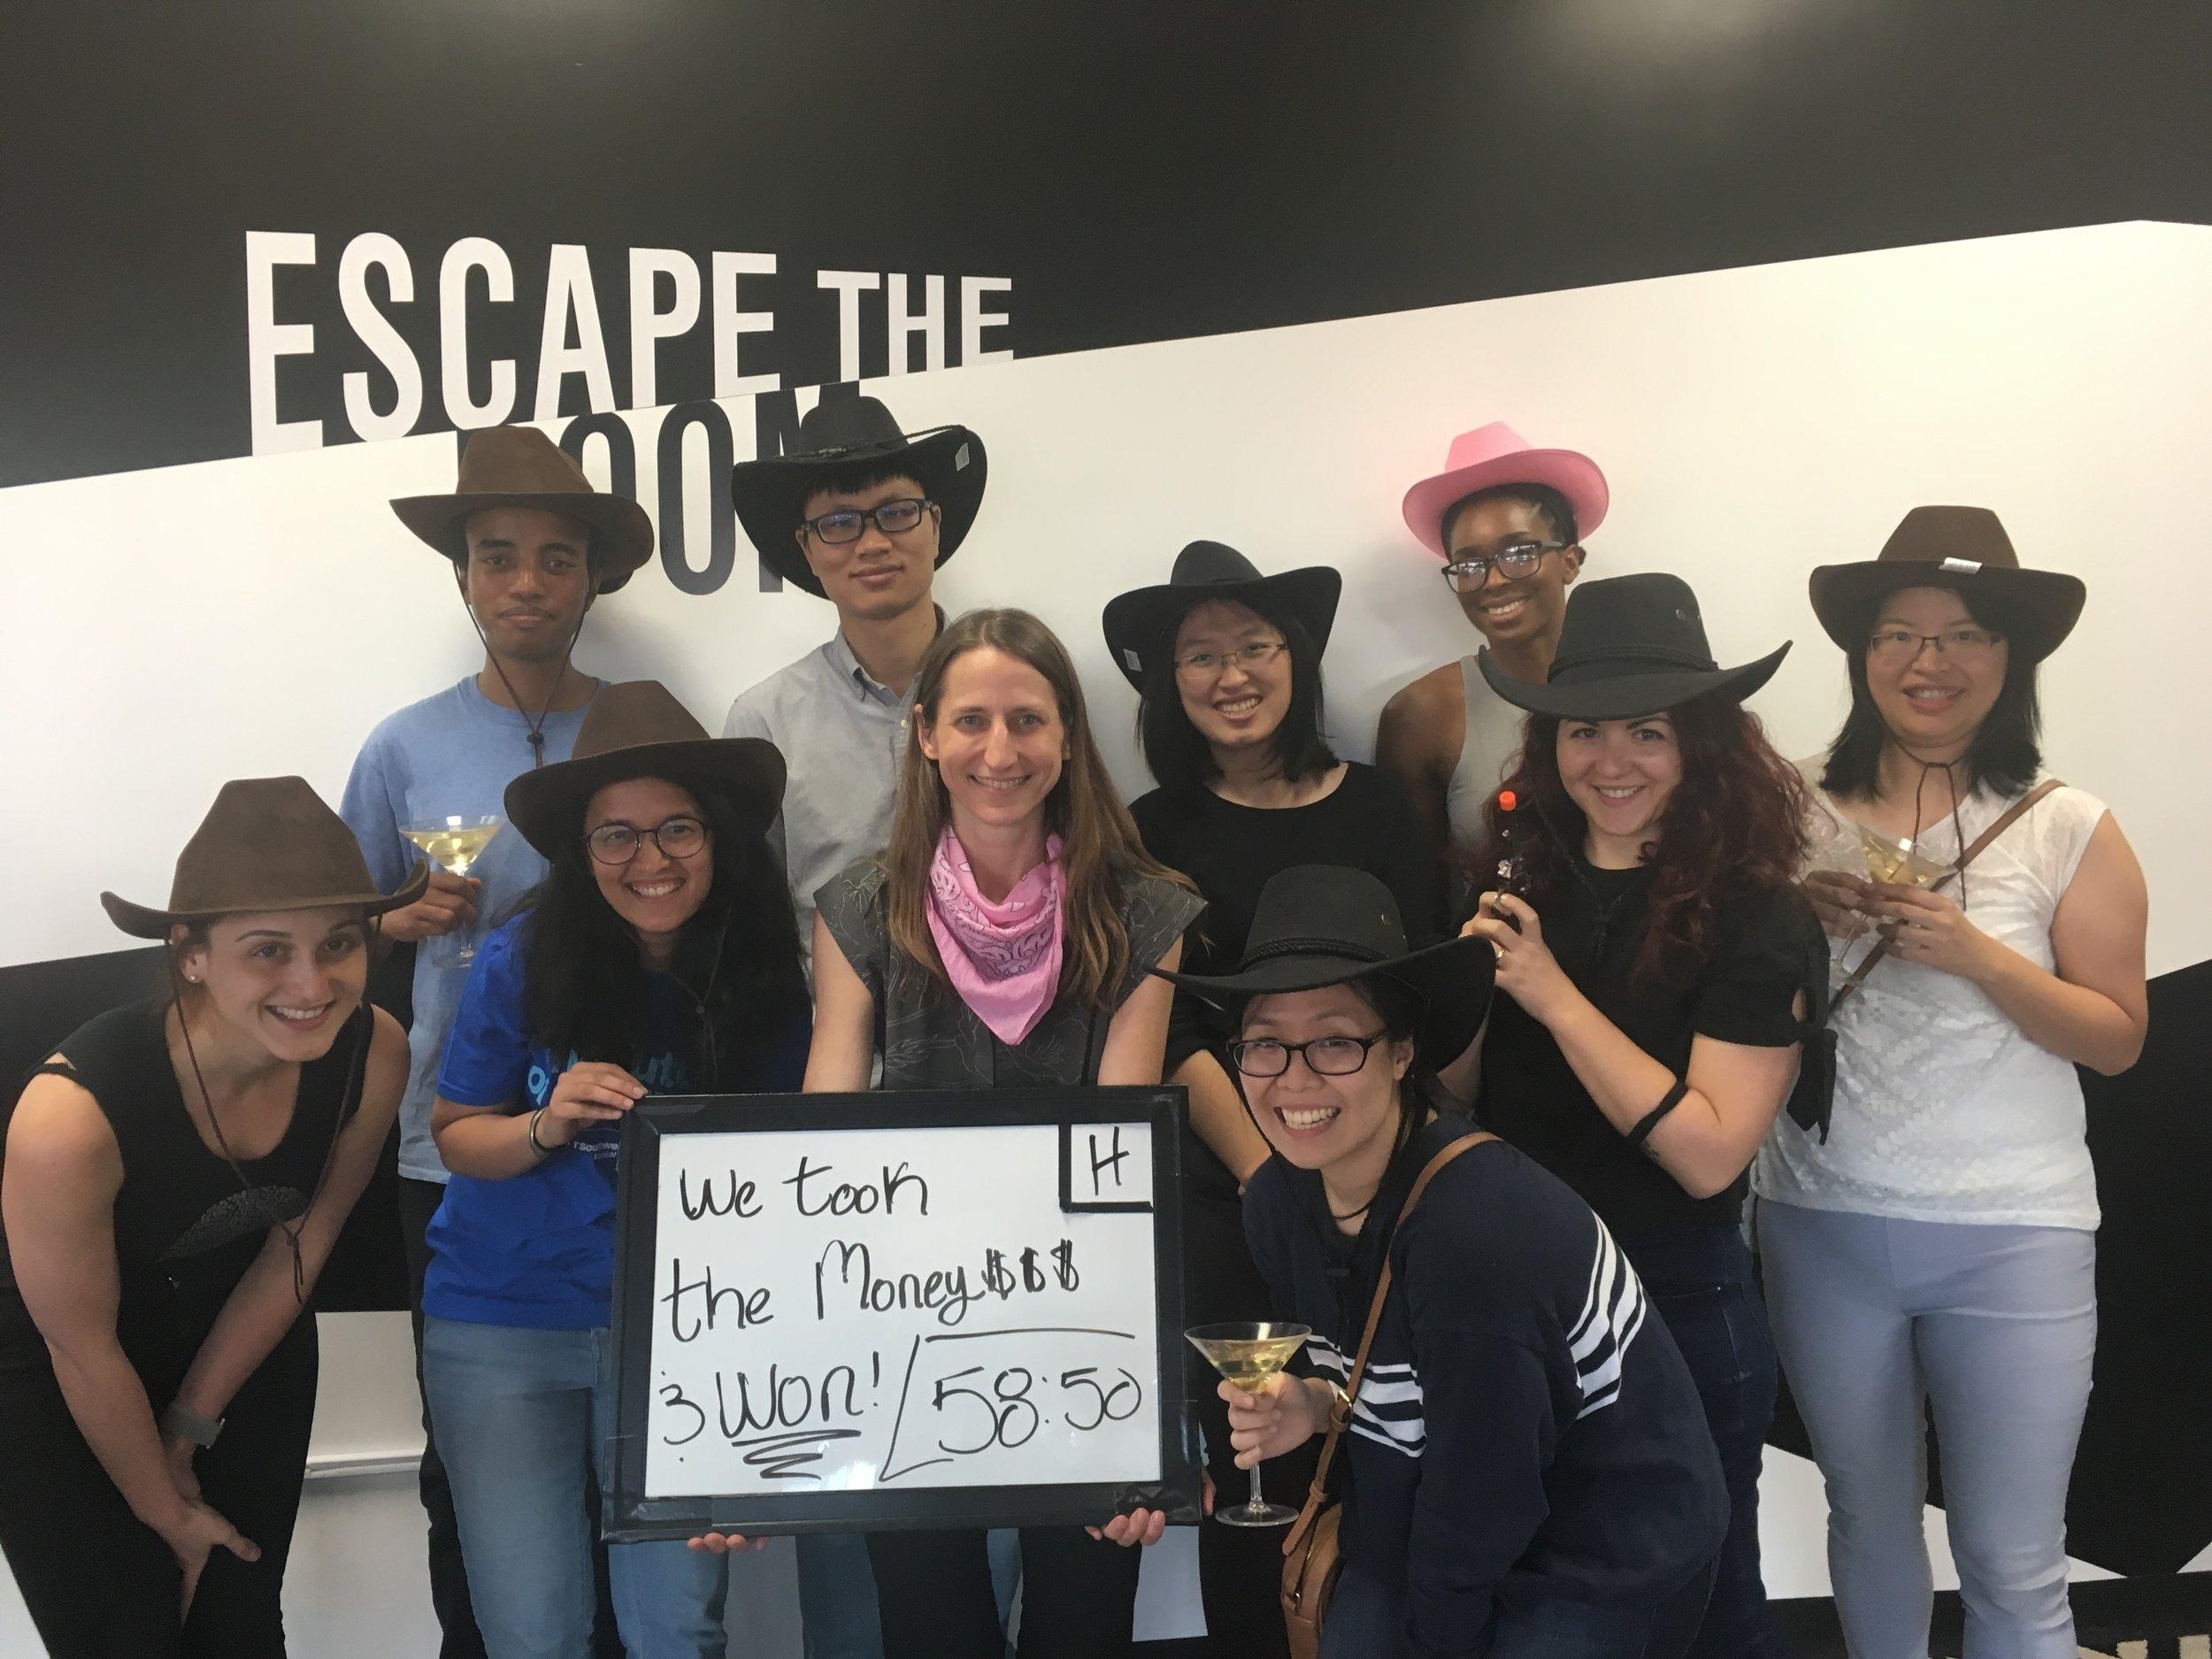 EscapeRoom2018-1.jpeg